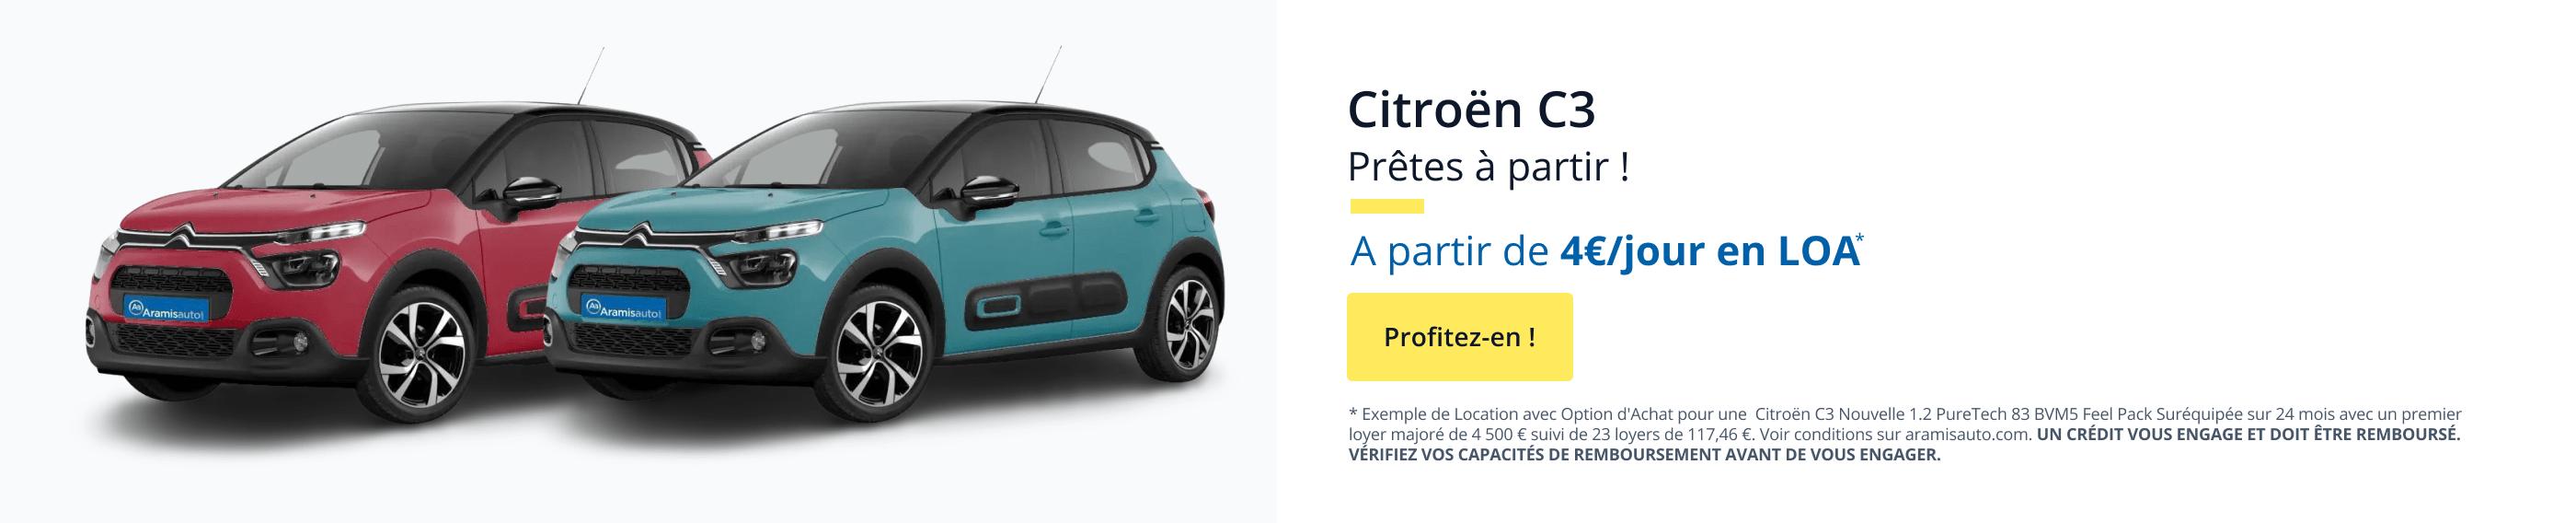 Votre Citroën C3 à partir de 4€/jour en LOA. Profitez-en !